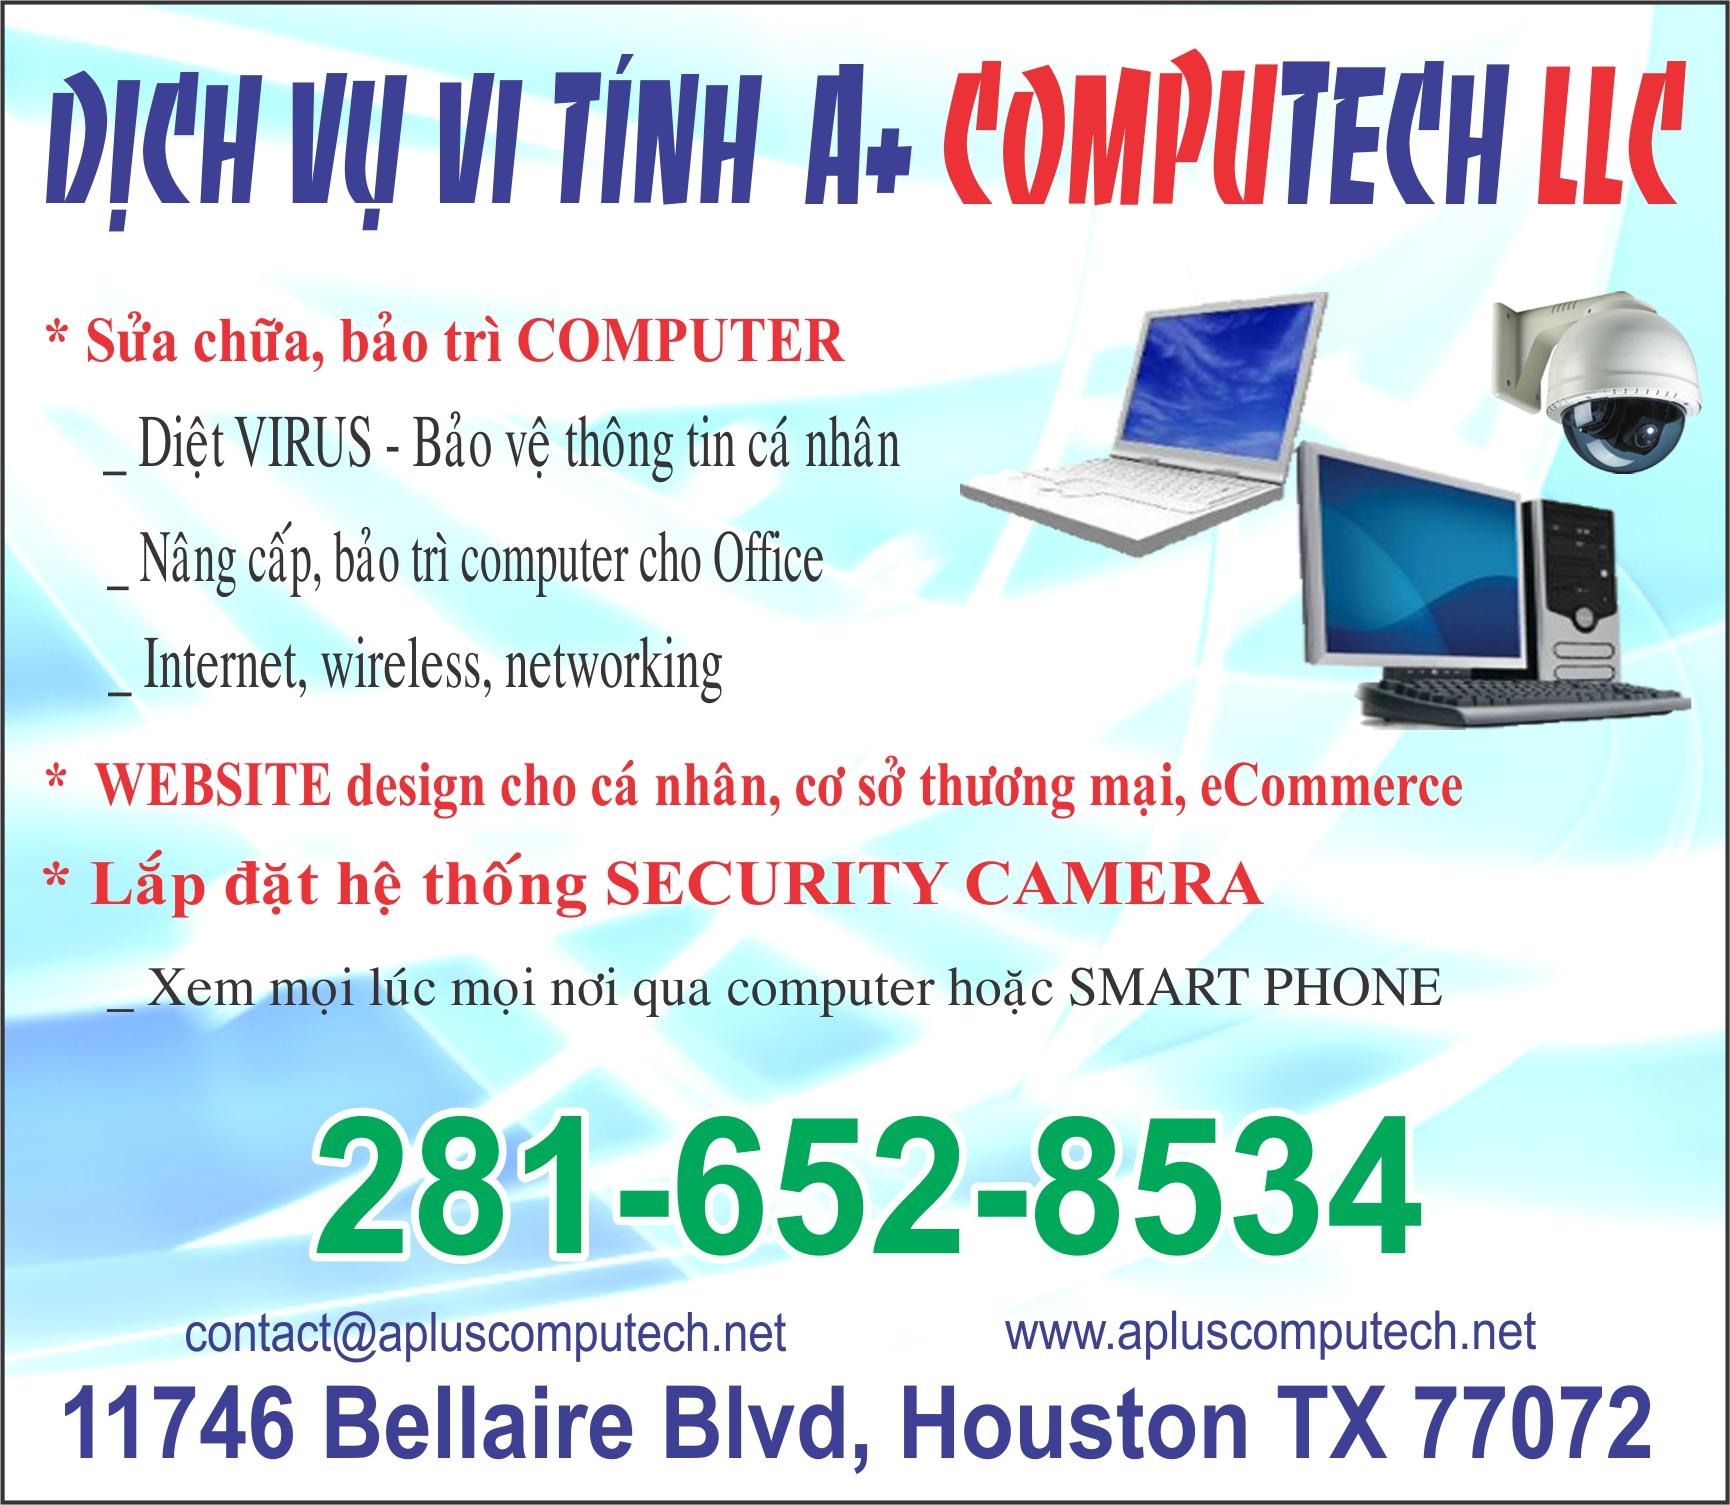 A+ Computech